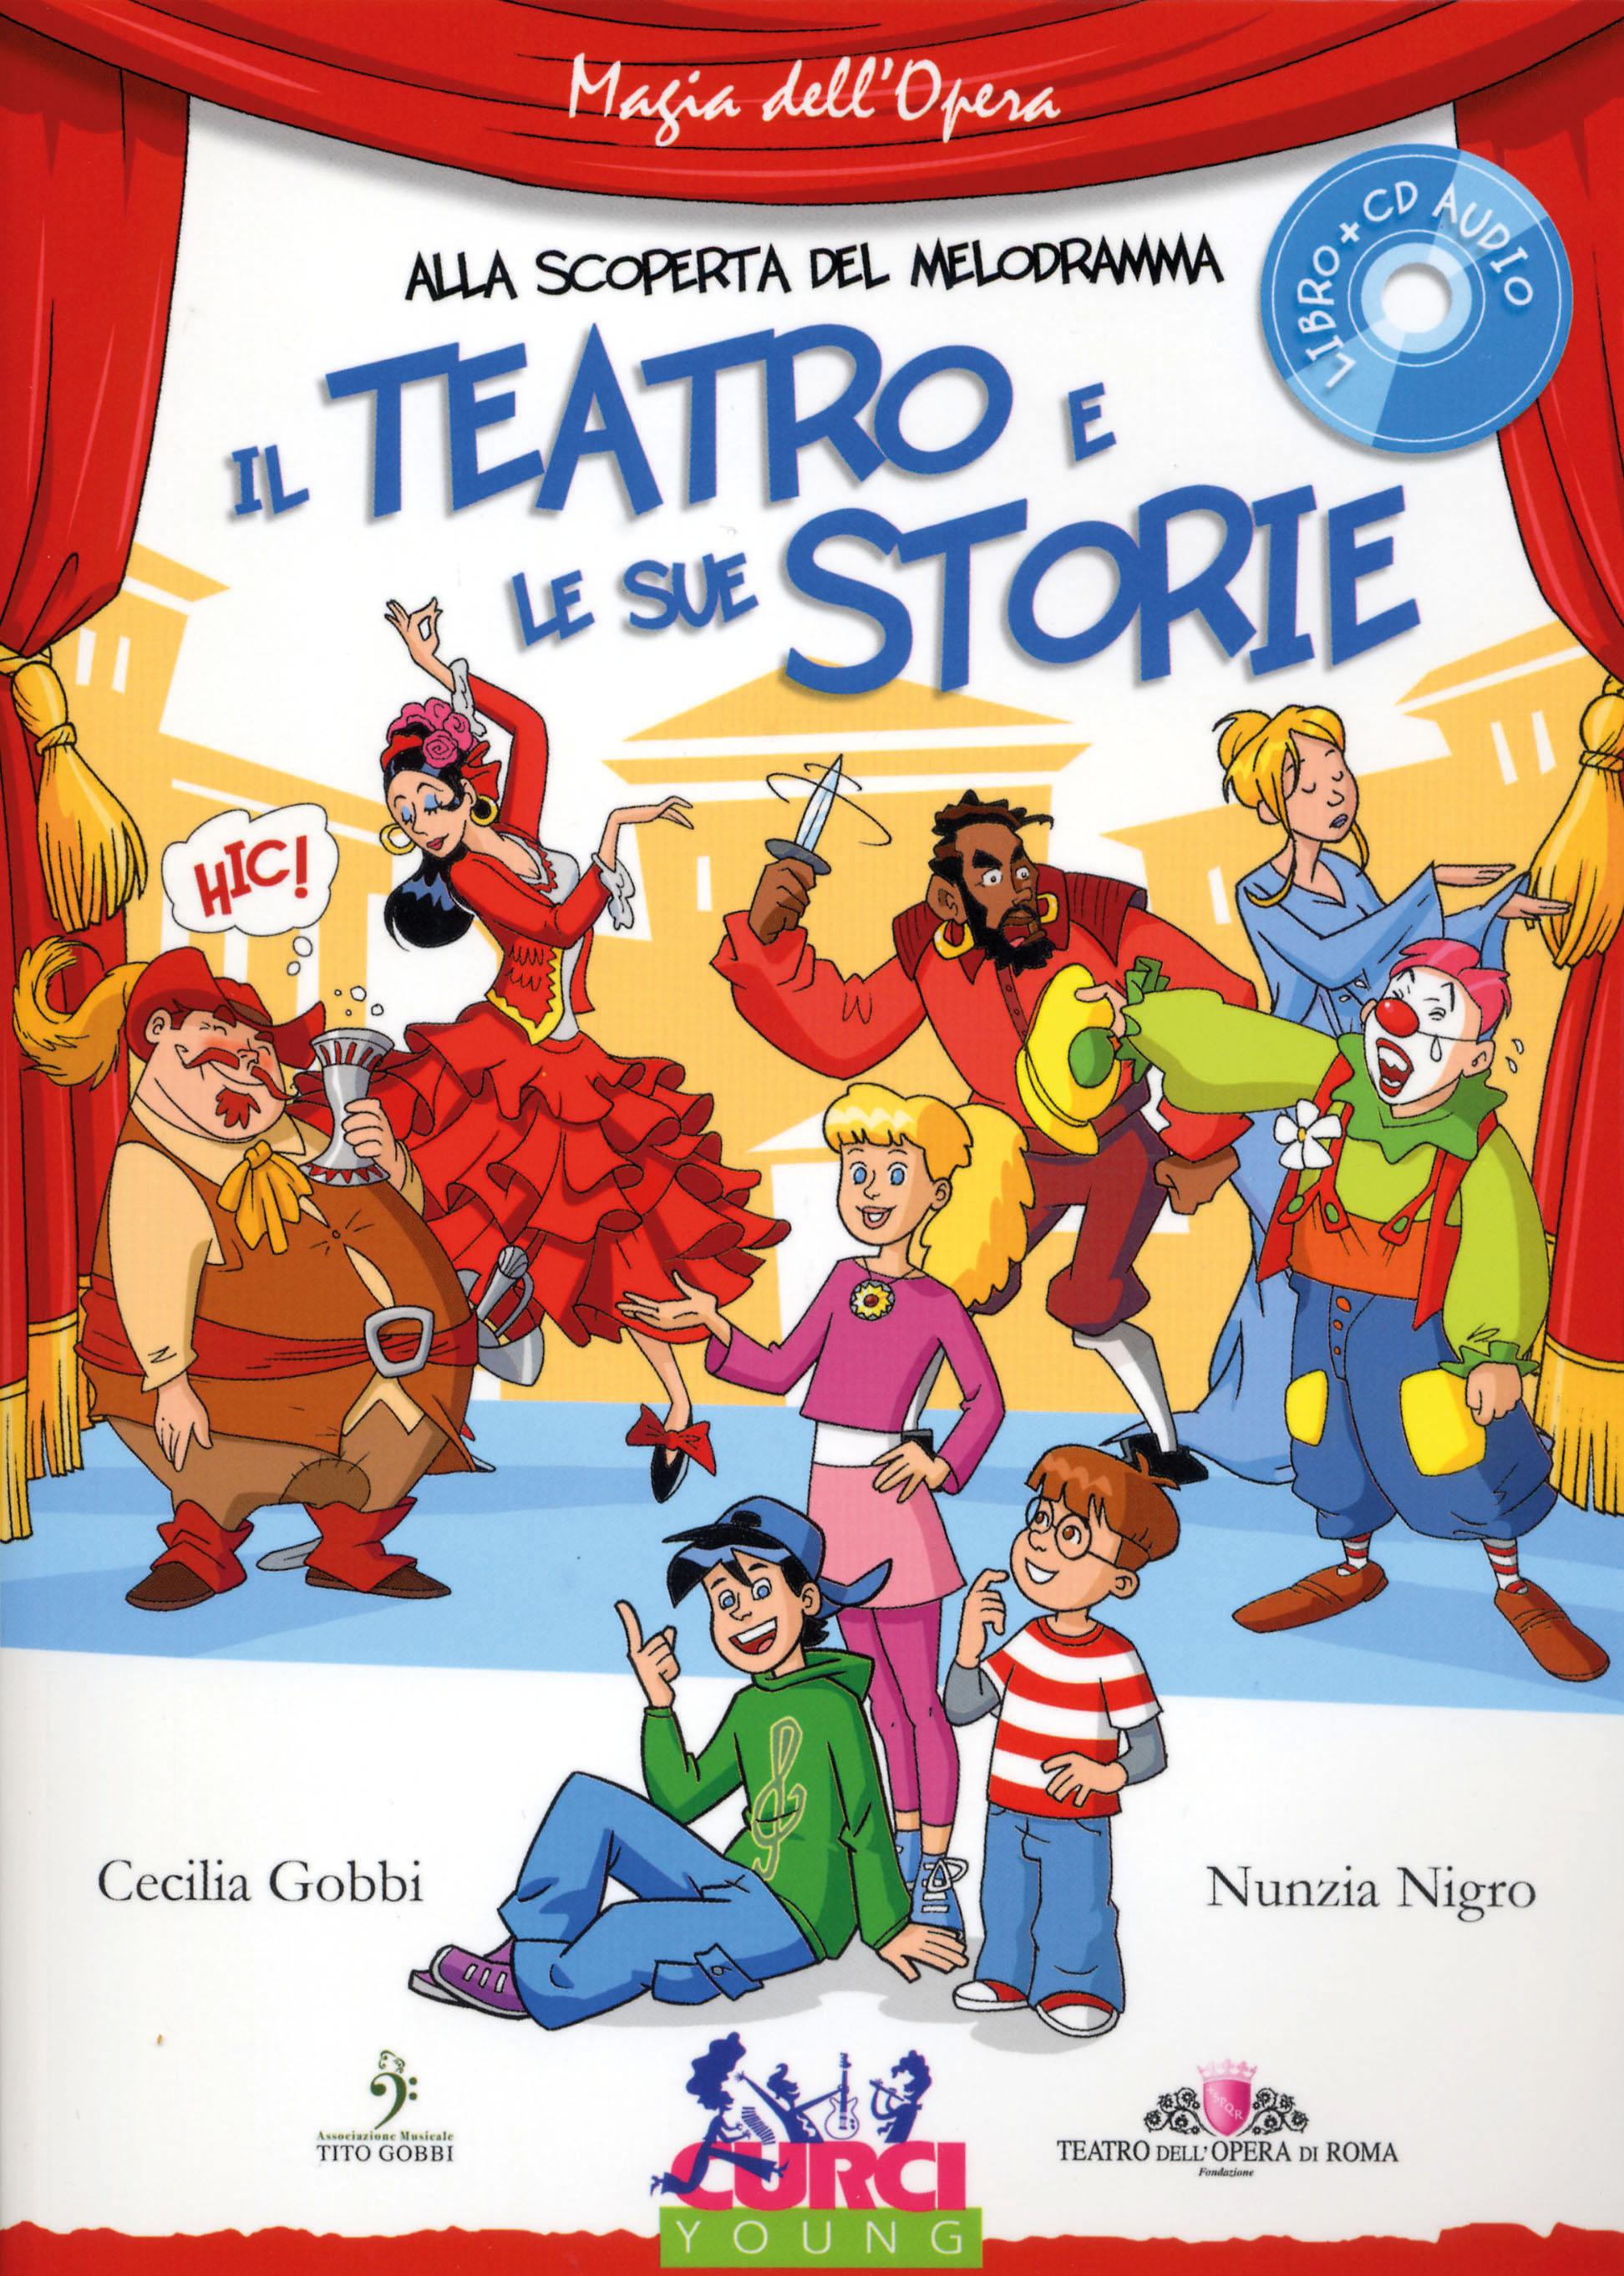 Alla scoperta del melodramma il teatro e le sue storie